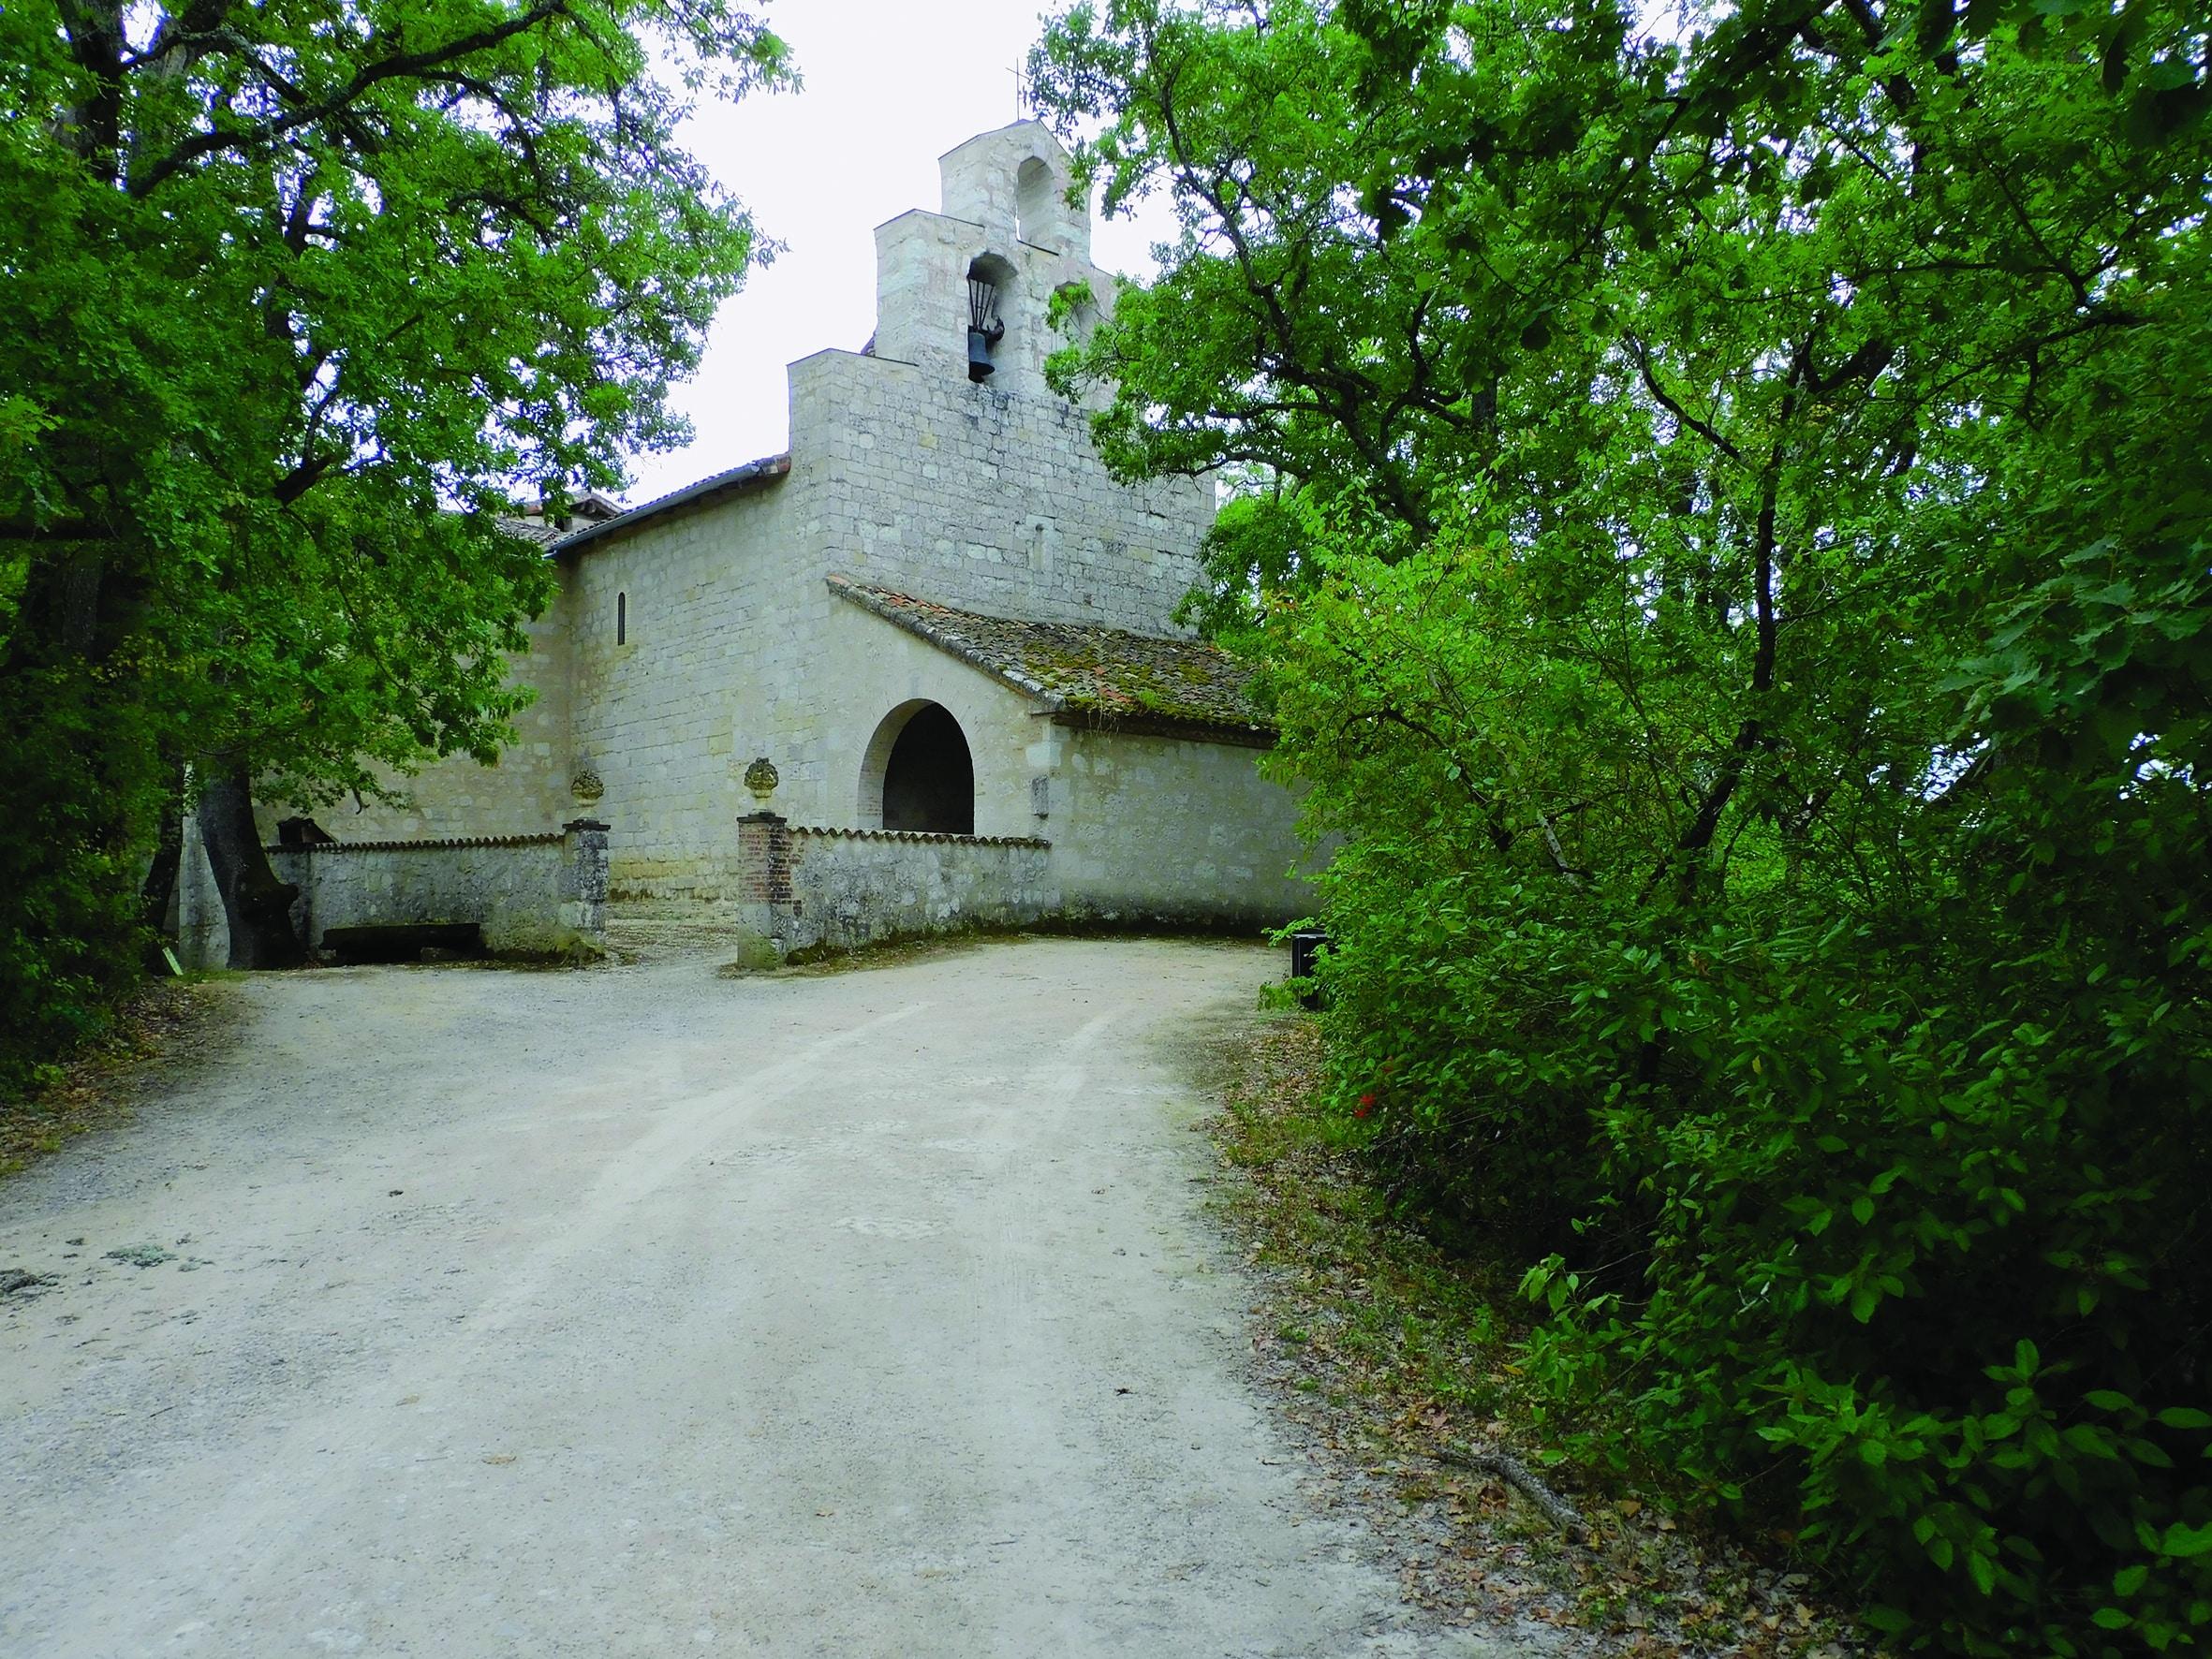 Le Riverain - Les églises de Valence